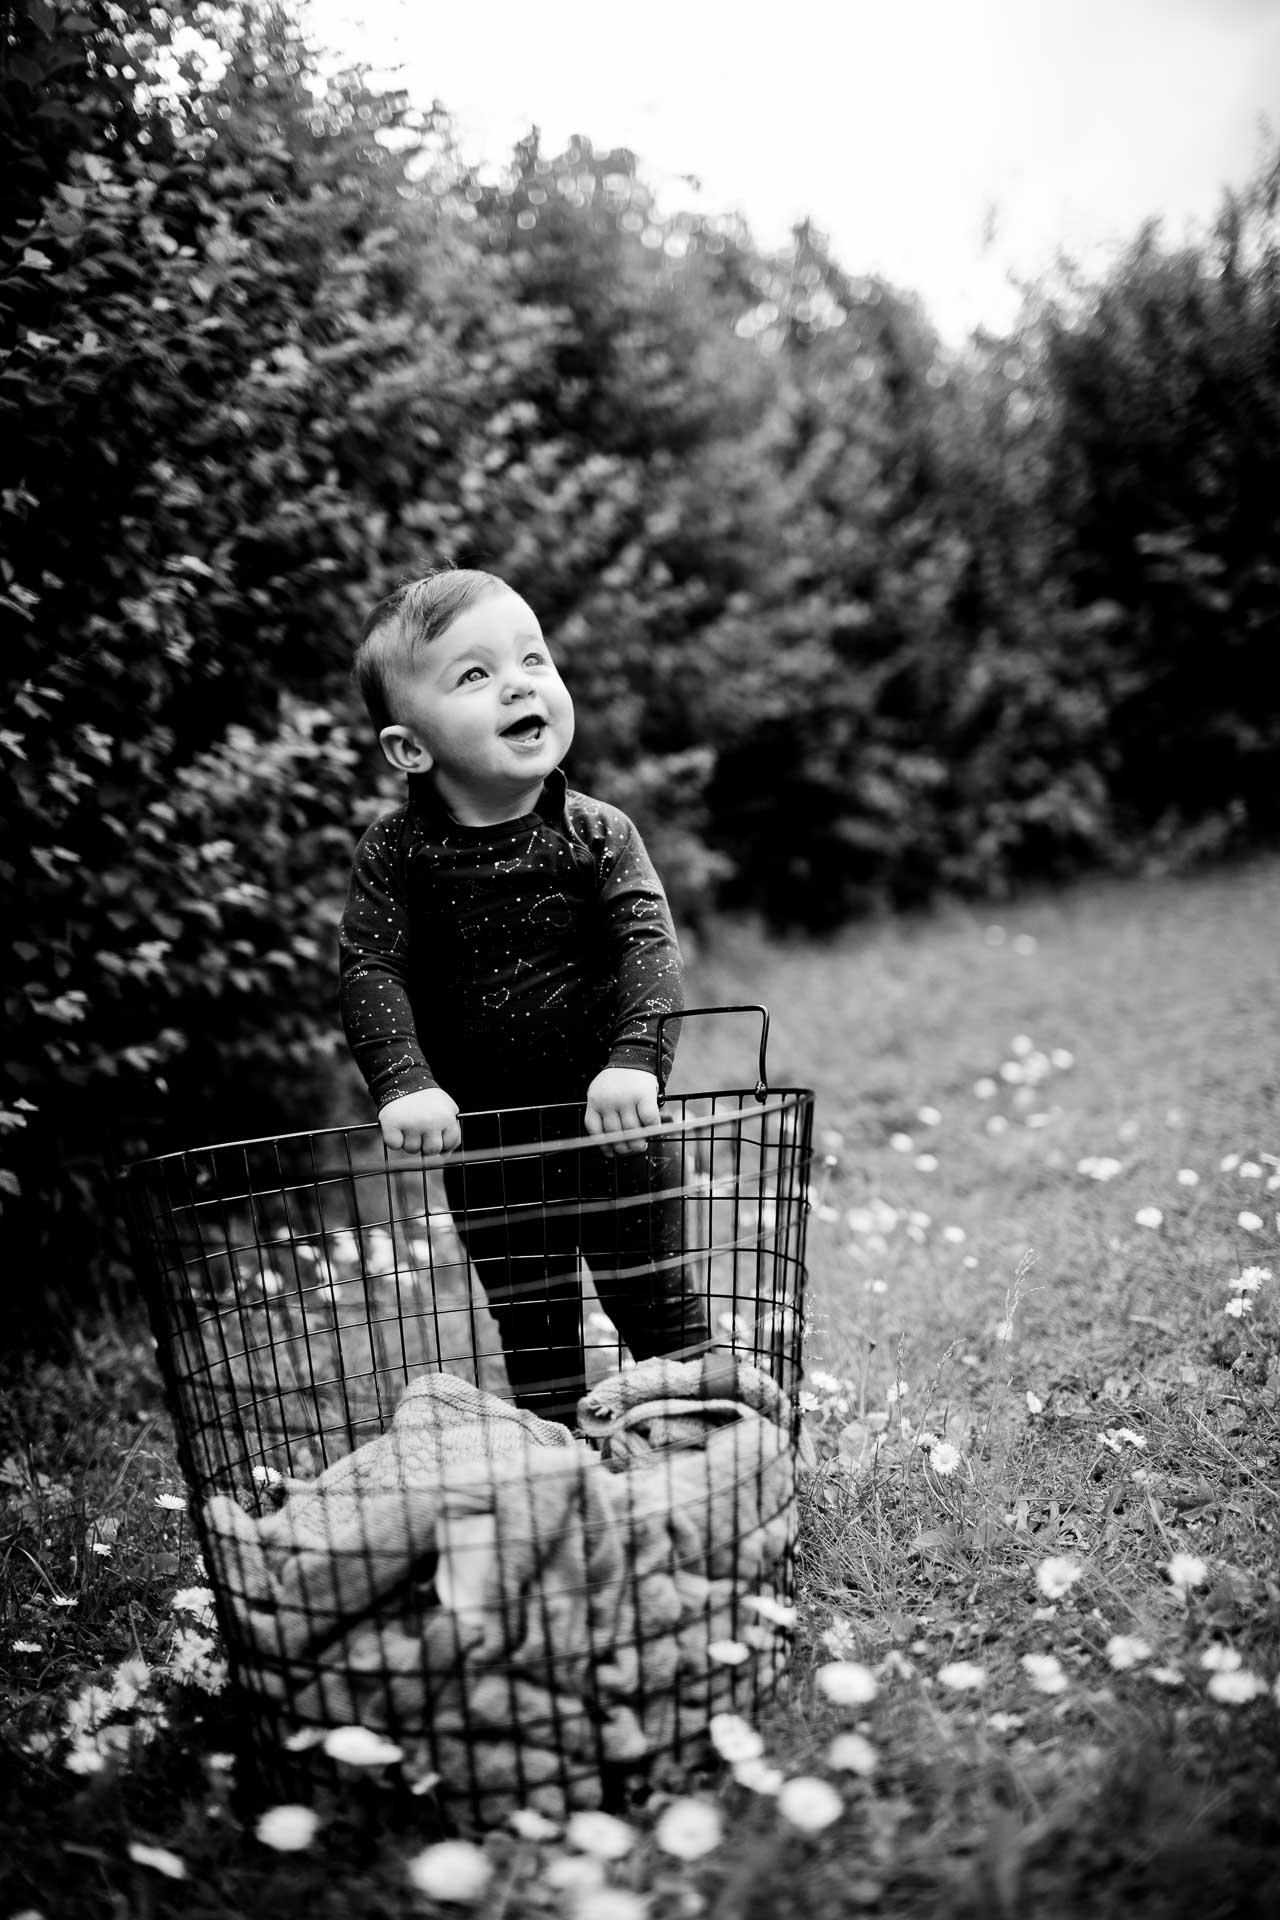 børnefotografering i Aarhus